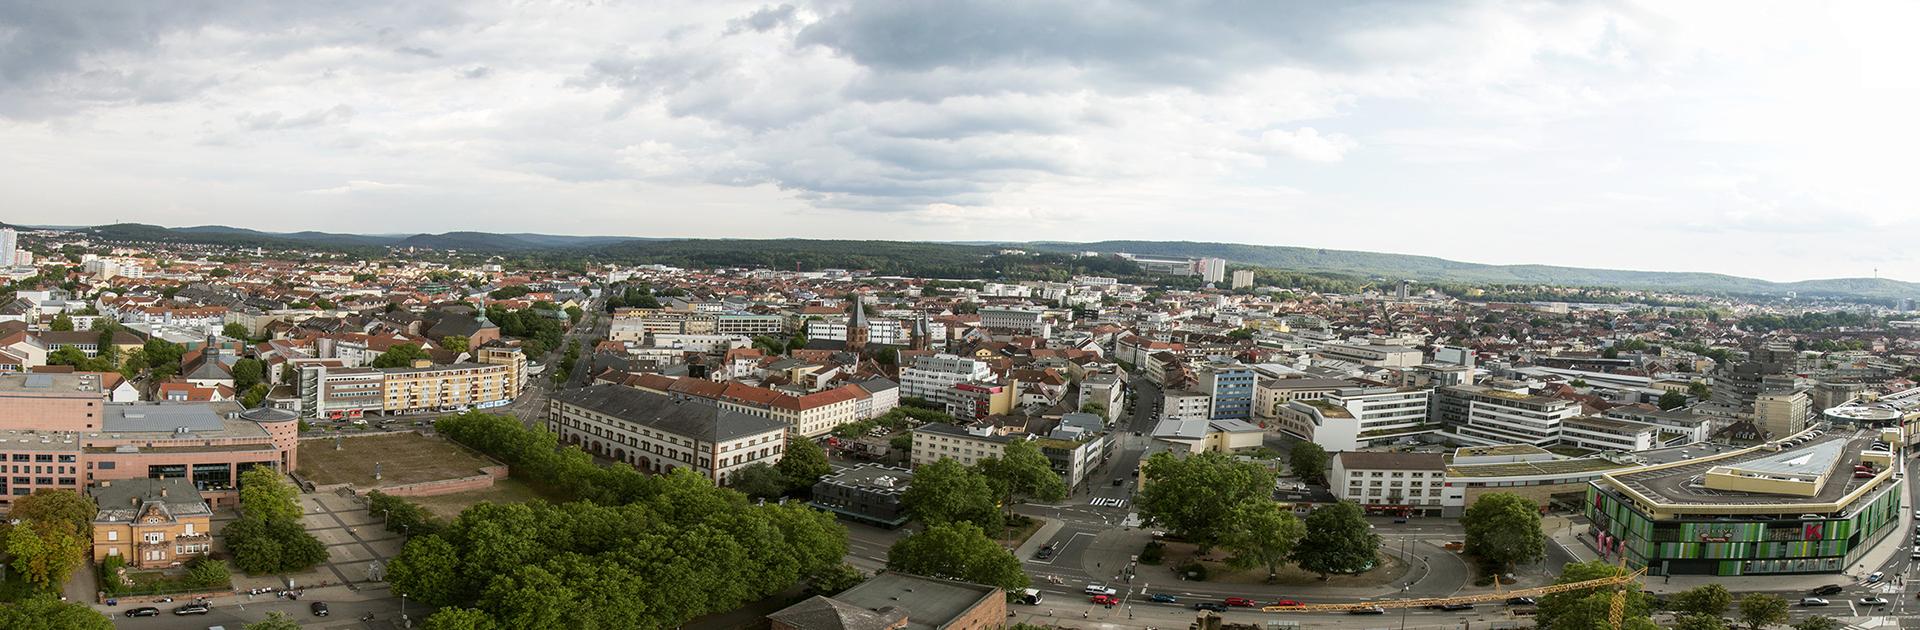 Parken Kaiserslautern